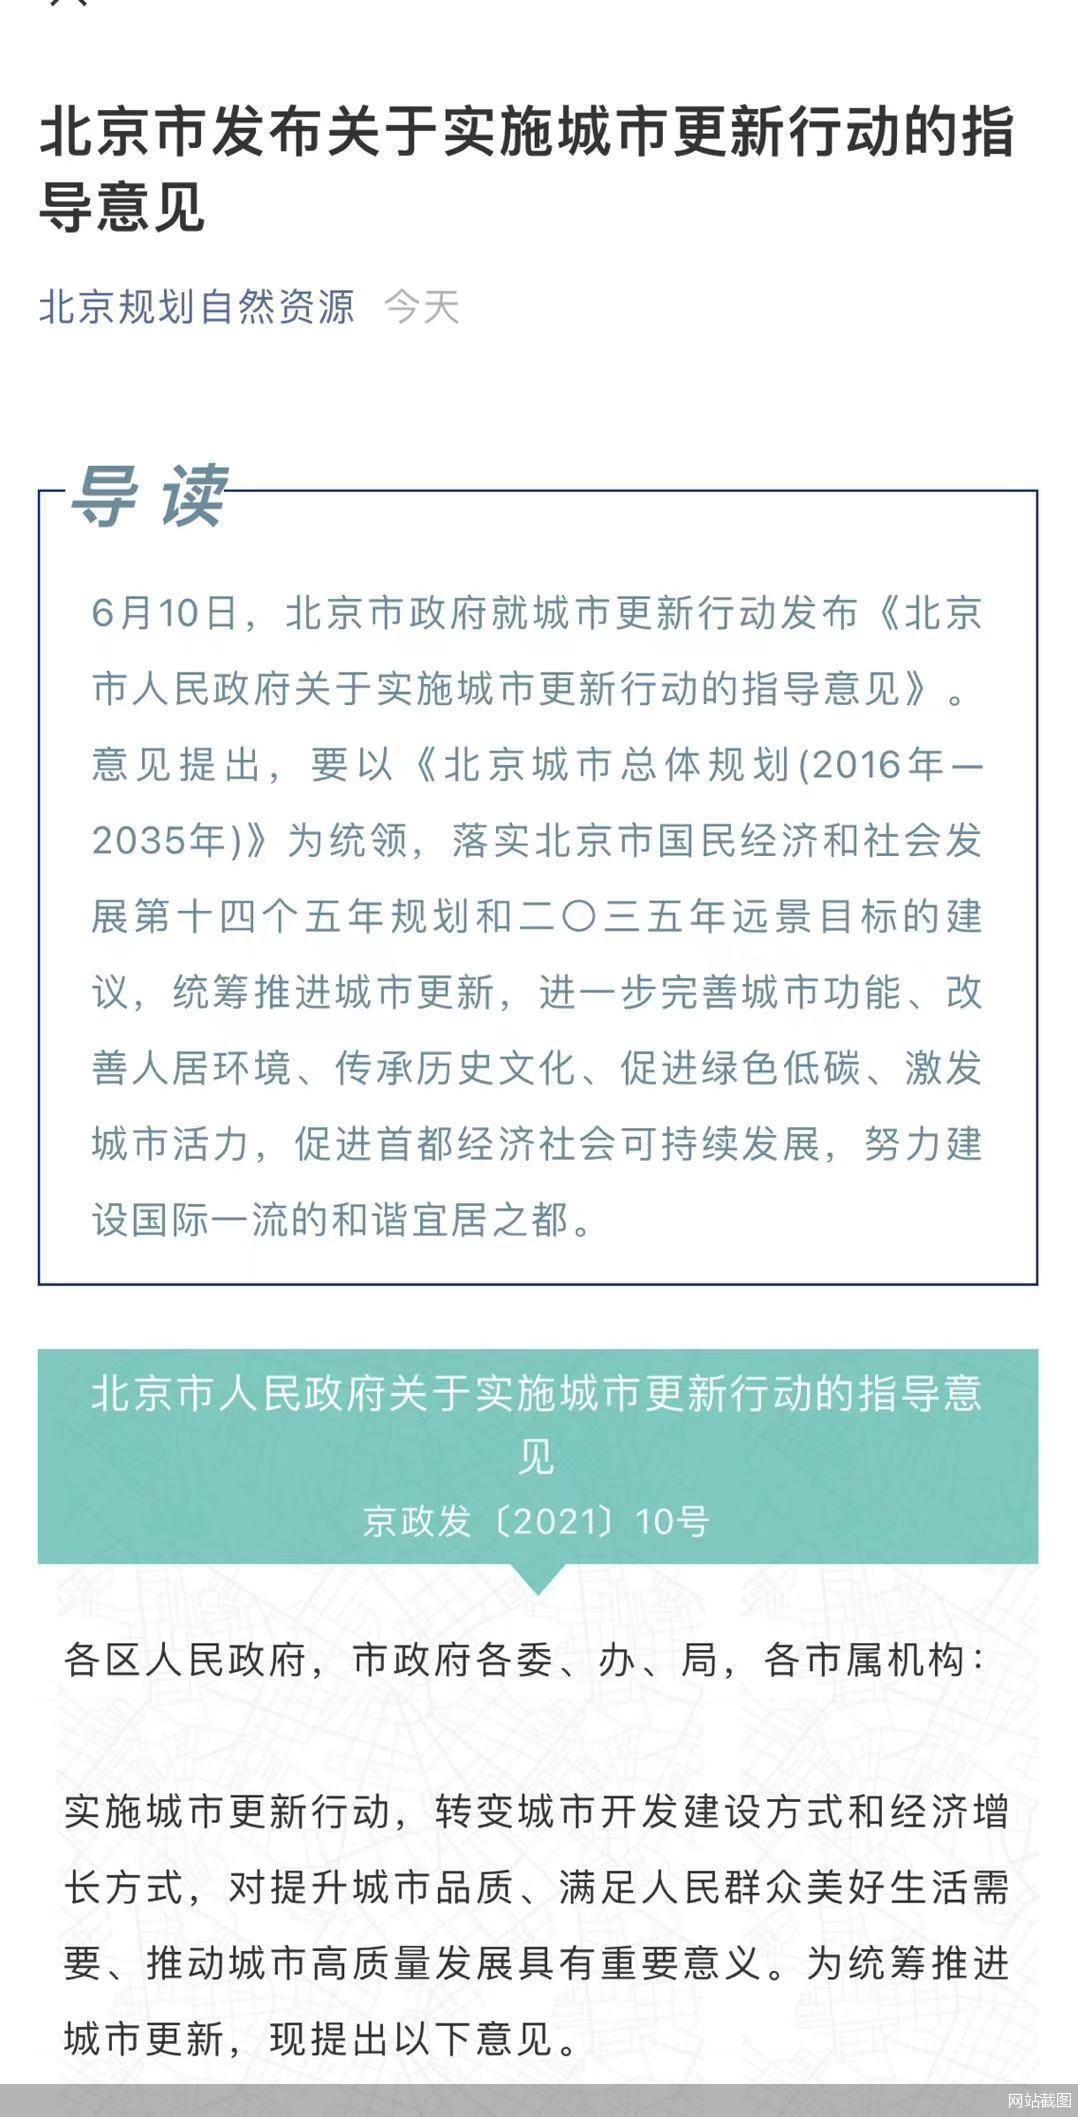 《北京市人民政府关于实施城市更新行动的指导意见》发布